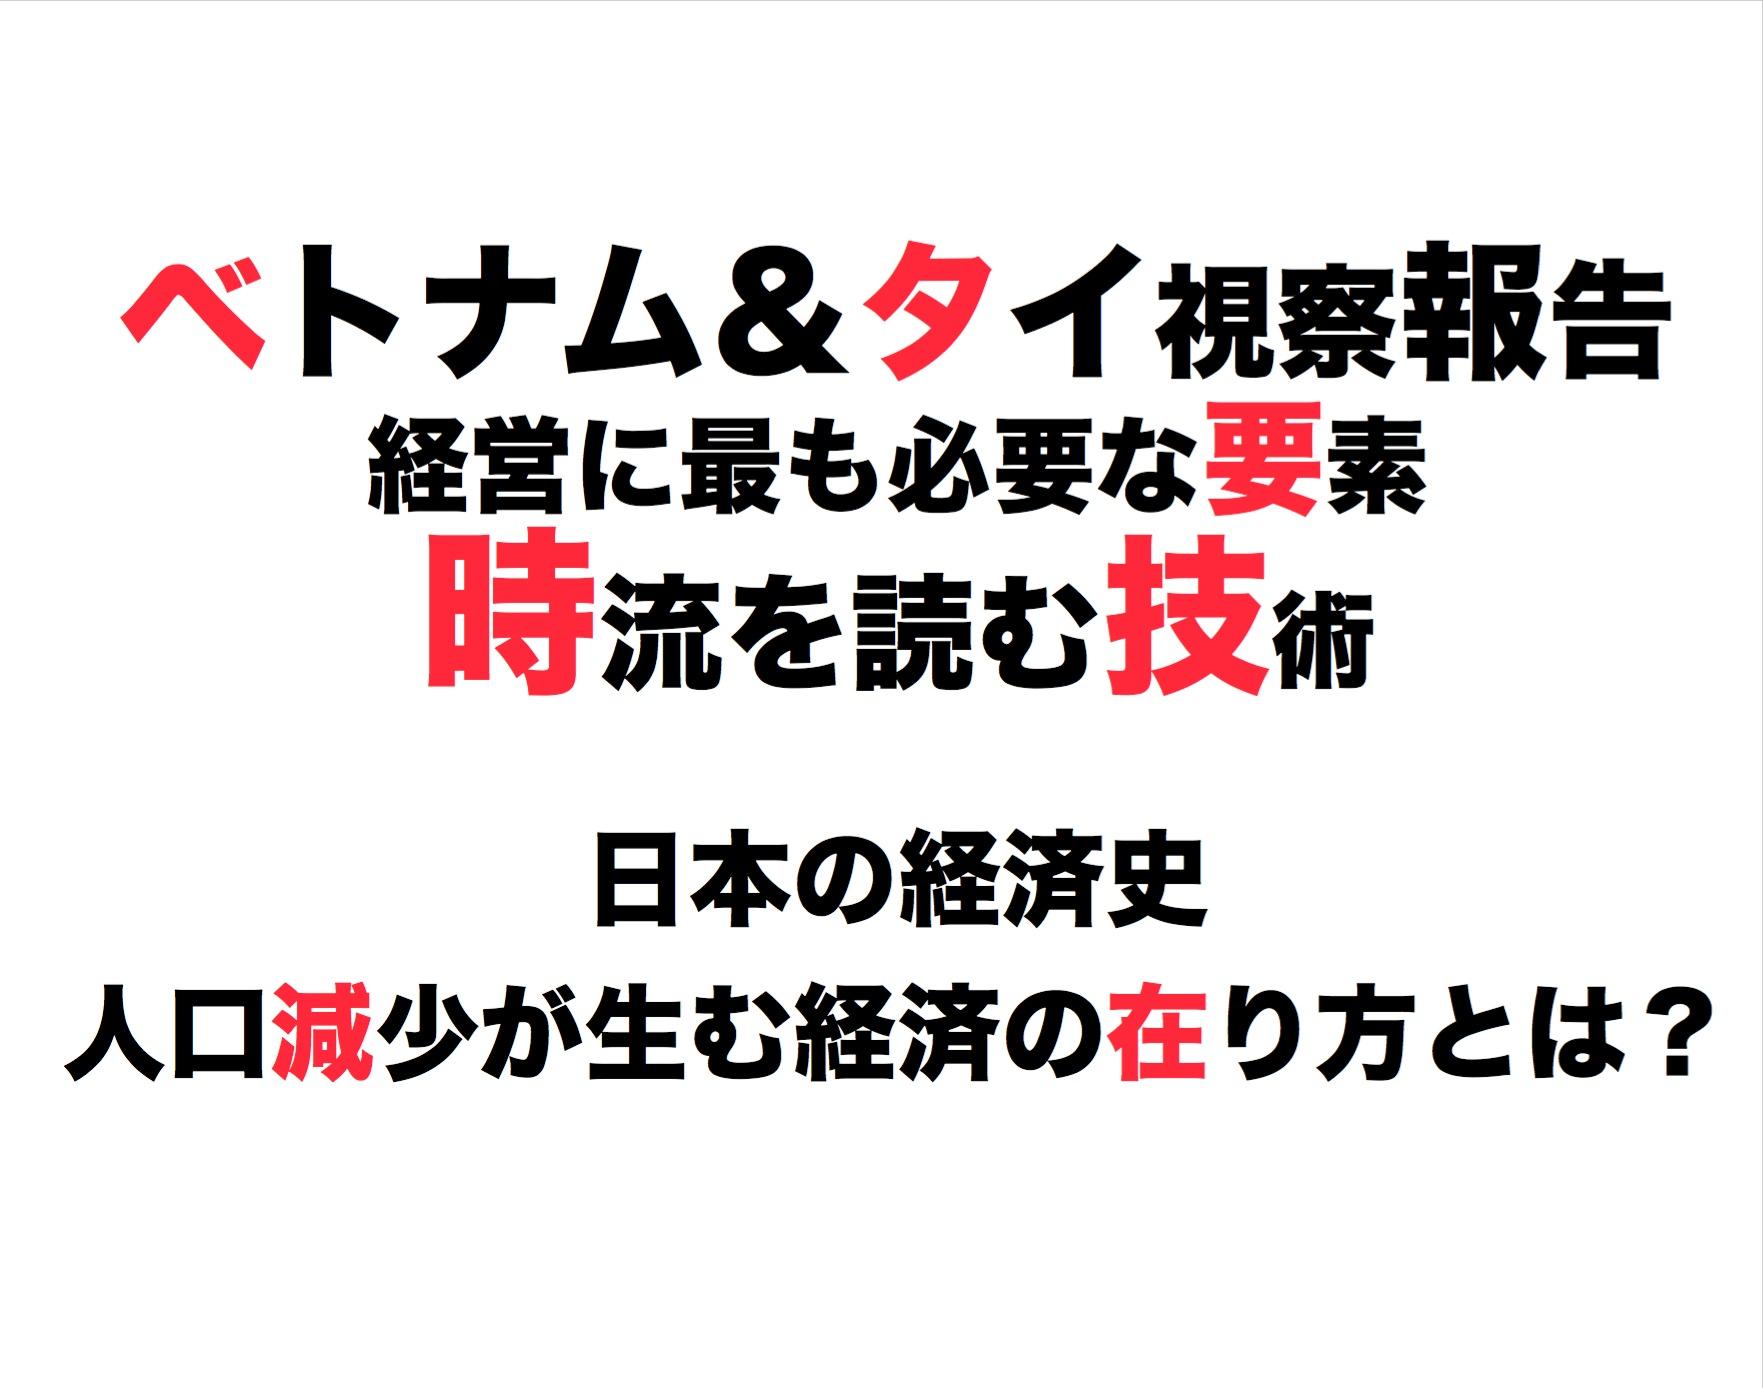 2011年3月ビジネスサークル『日本の経済史』& 『ベトナム&タイ視察報告』